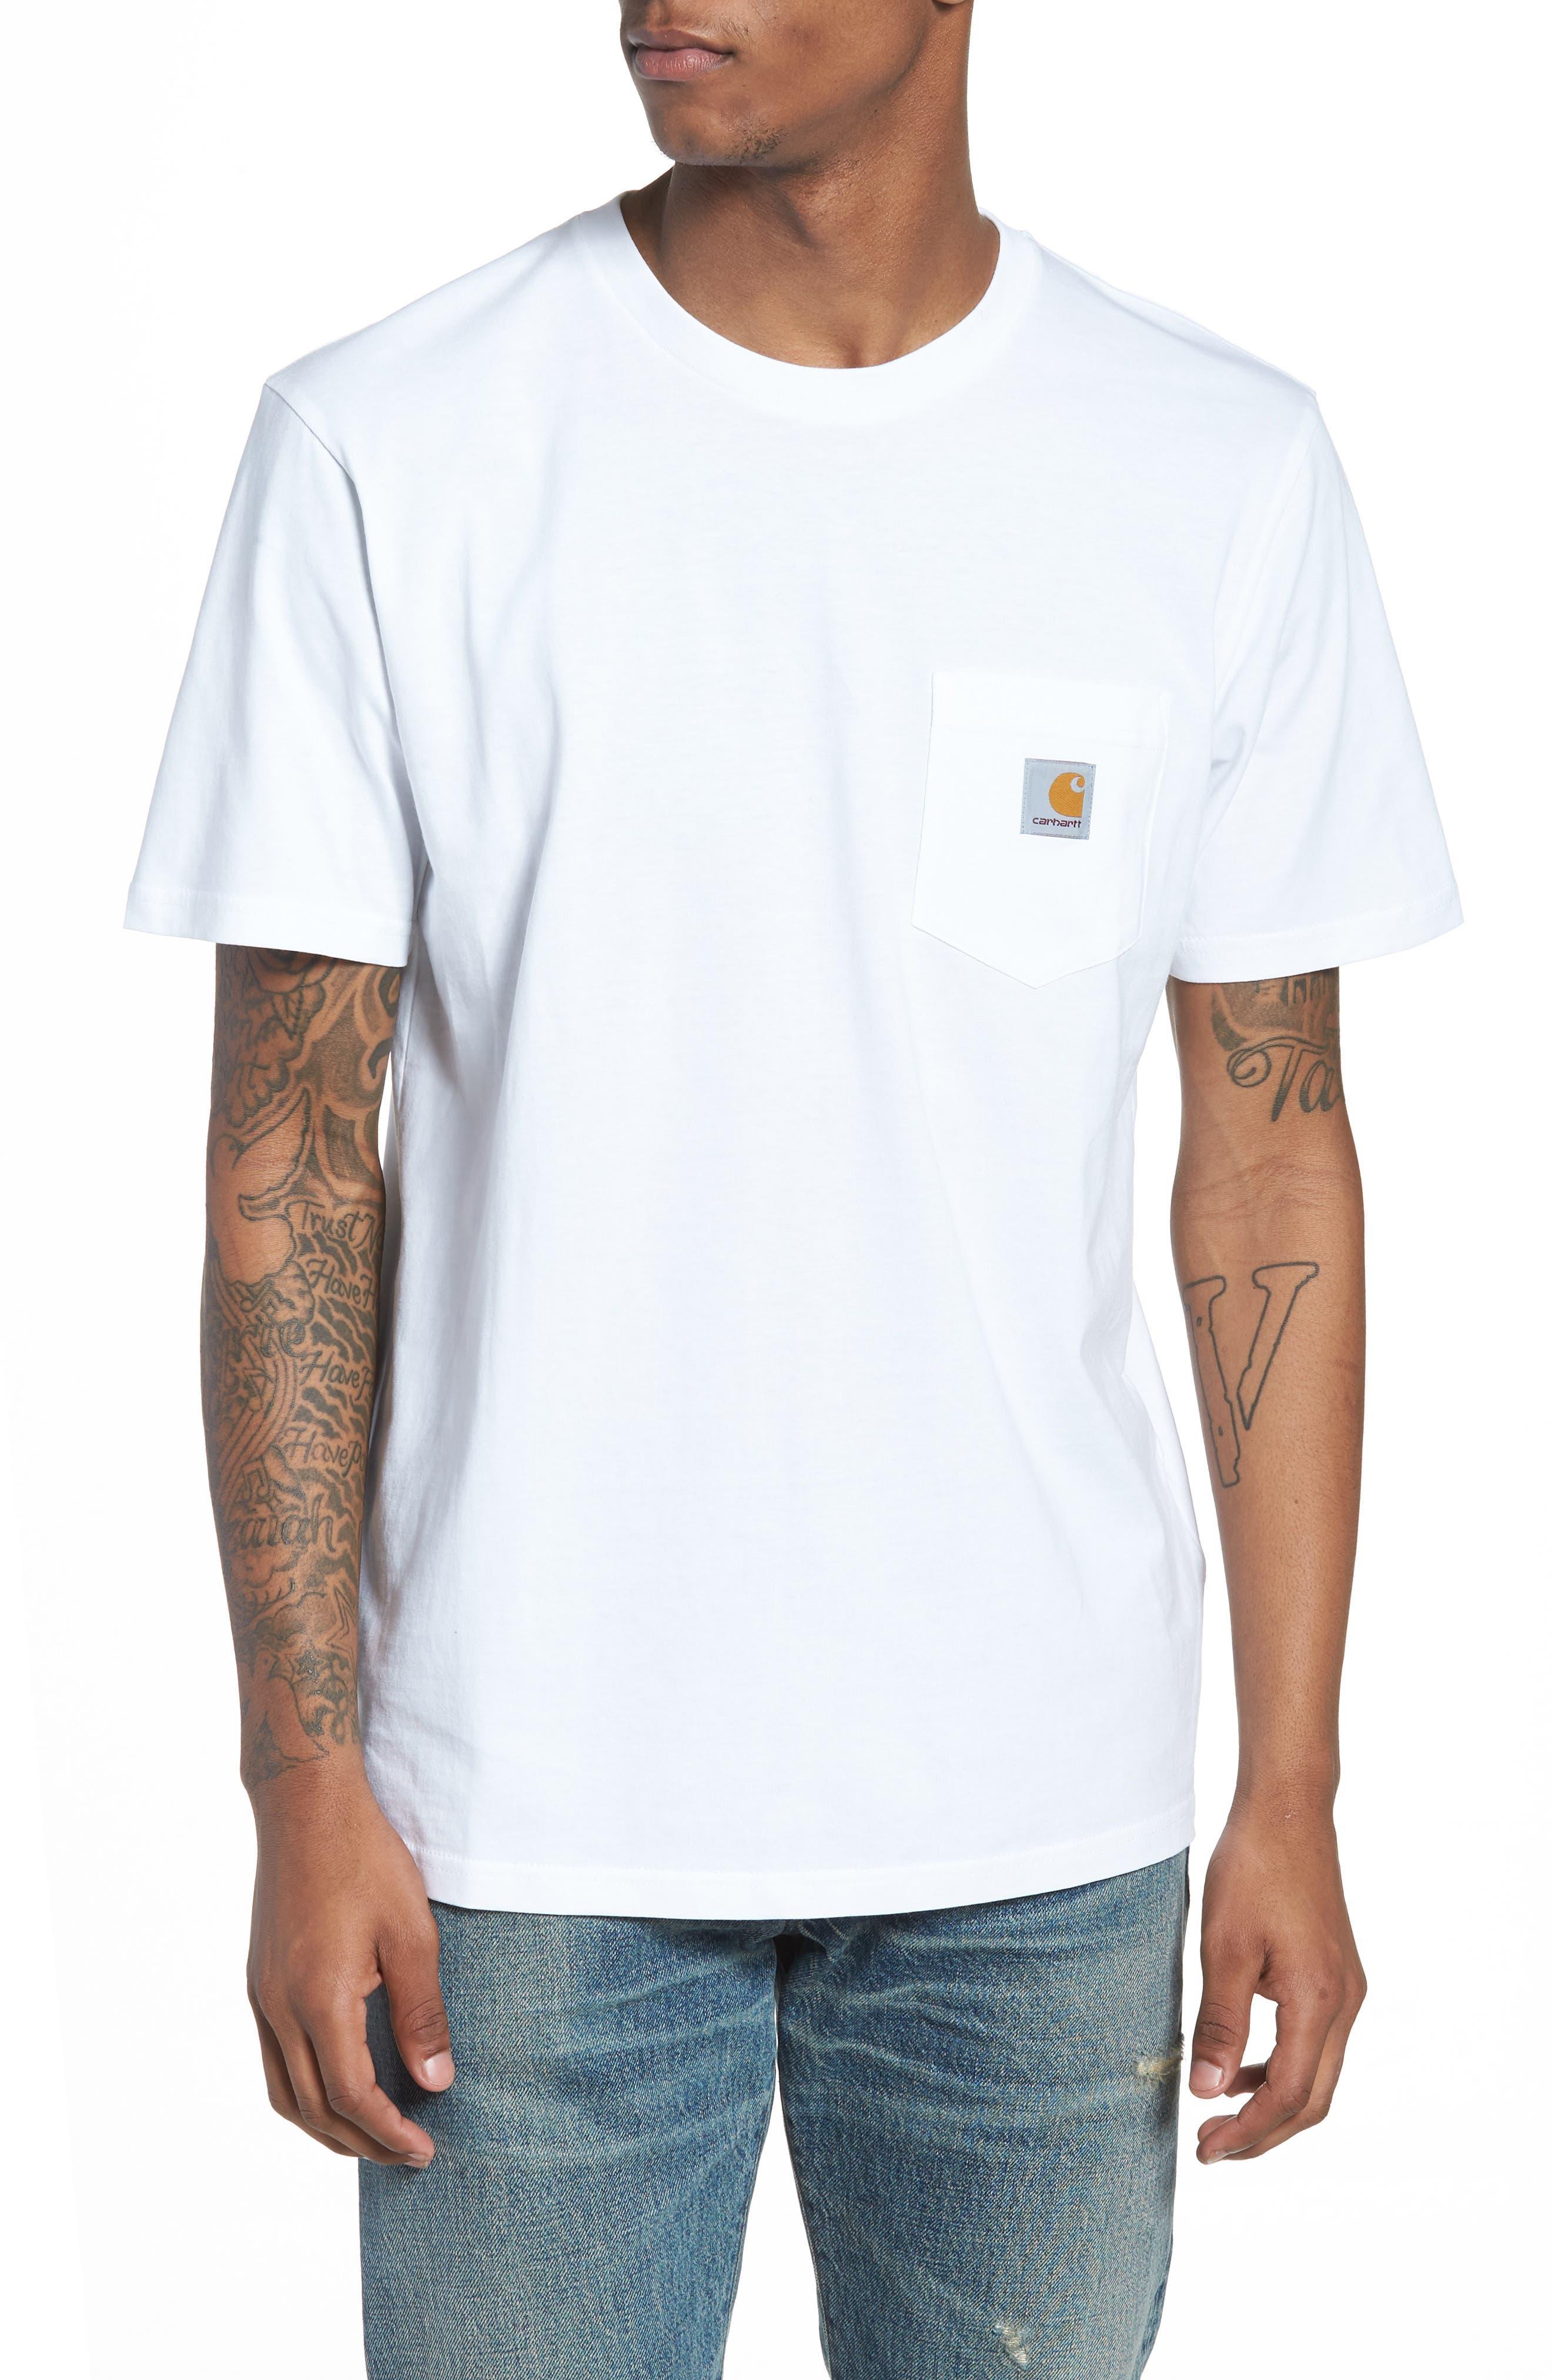 Logo i Carhartt Pocket T Arbete Shirt Progress qBq58t 201c79a1490dc